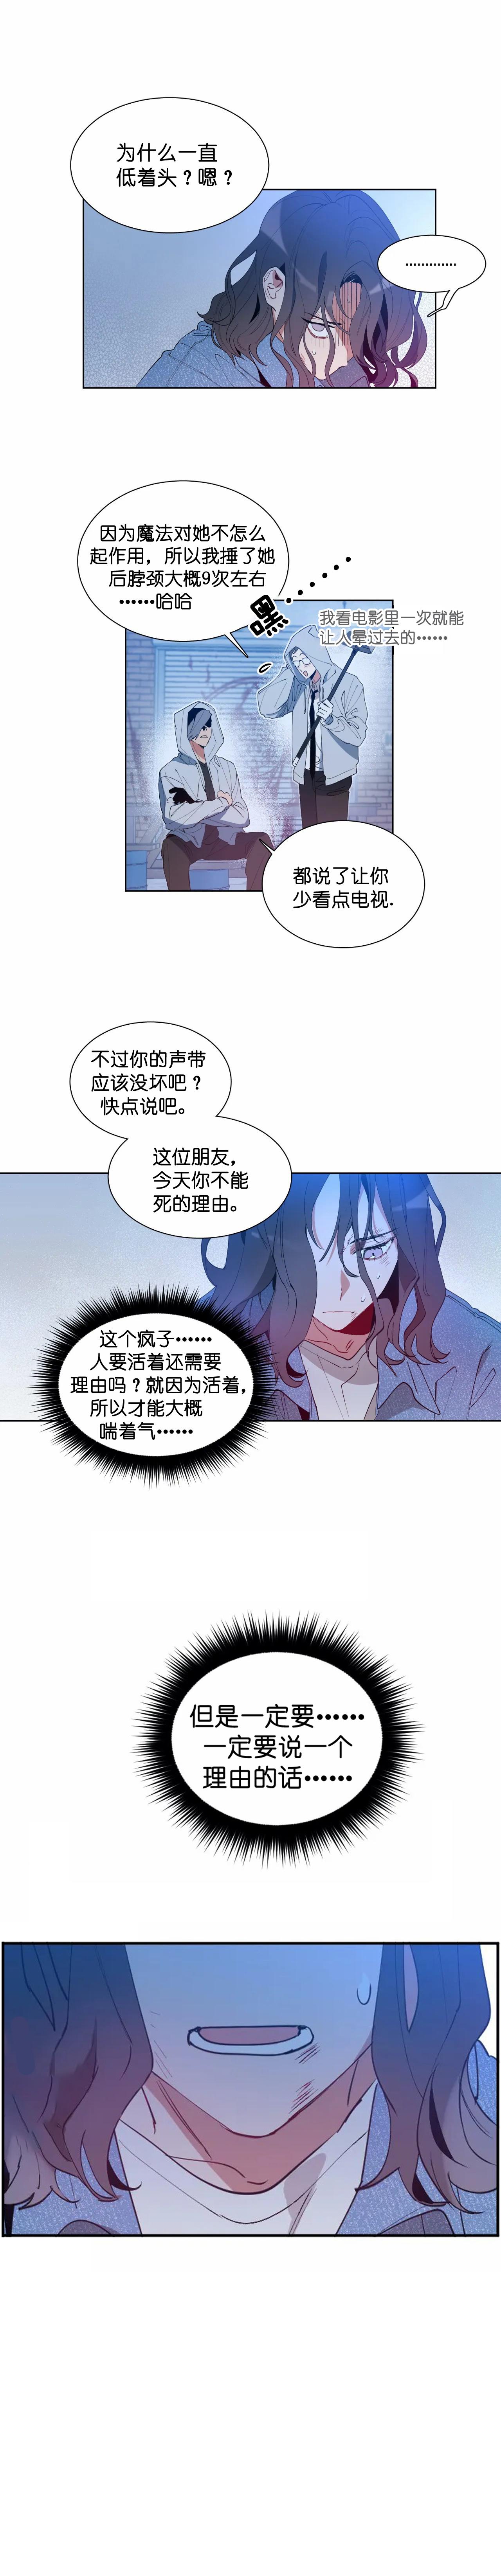 被疯批天使审判的日常-漫画免费&完整版汉化_全集在线阅读-啵乐漫画